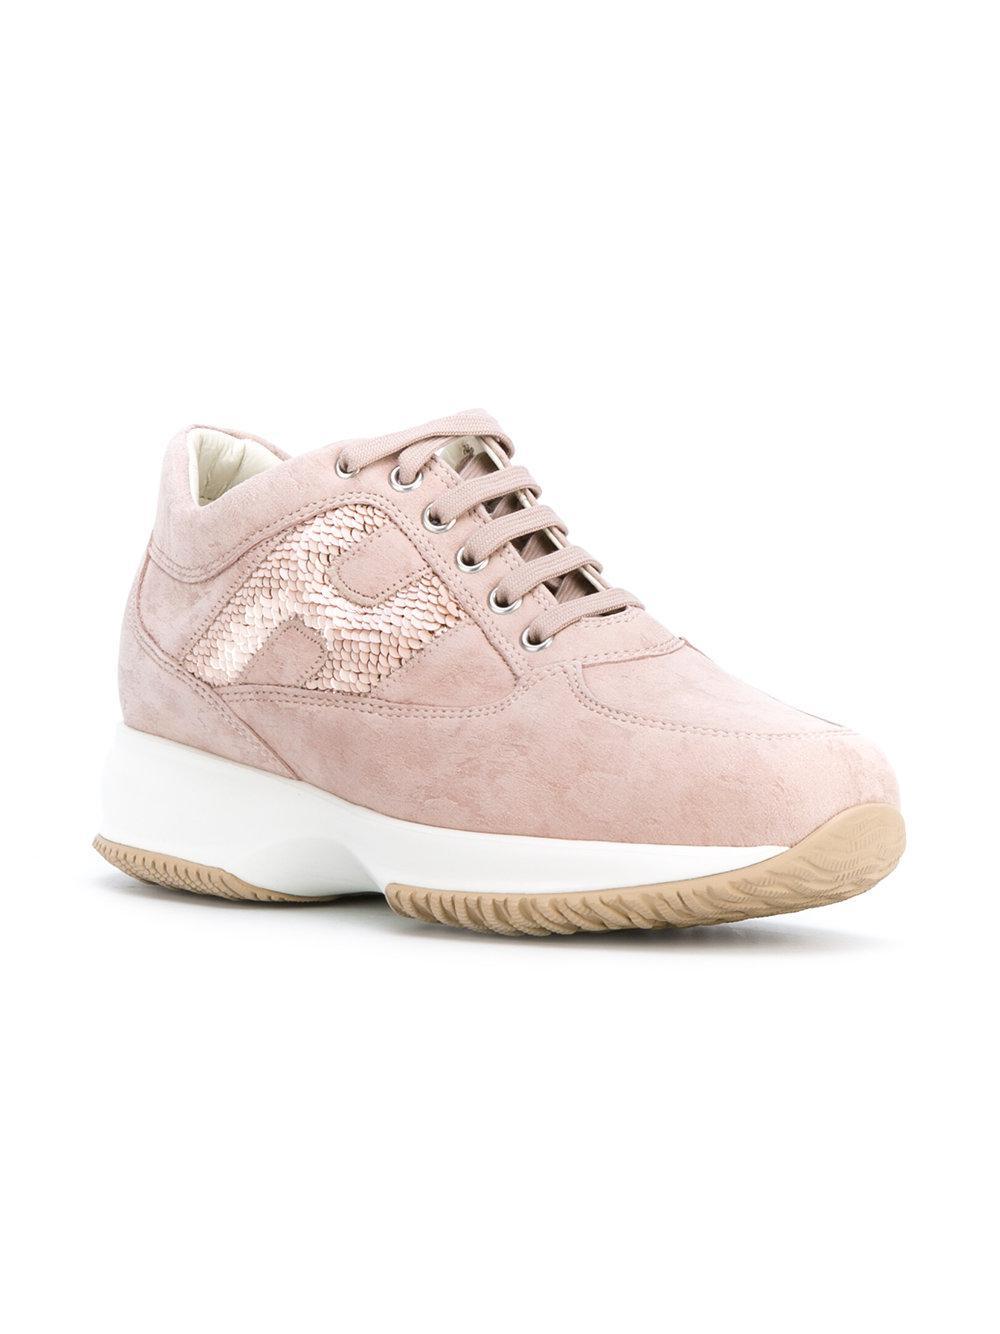 Hogan Chaussures De Sport Embelli De Paillettes - Rose Et Violet FAIG5